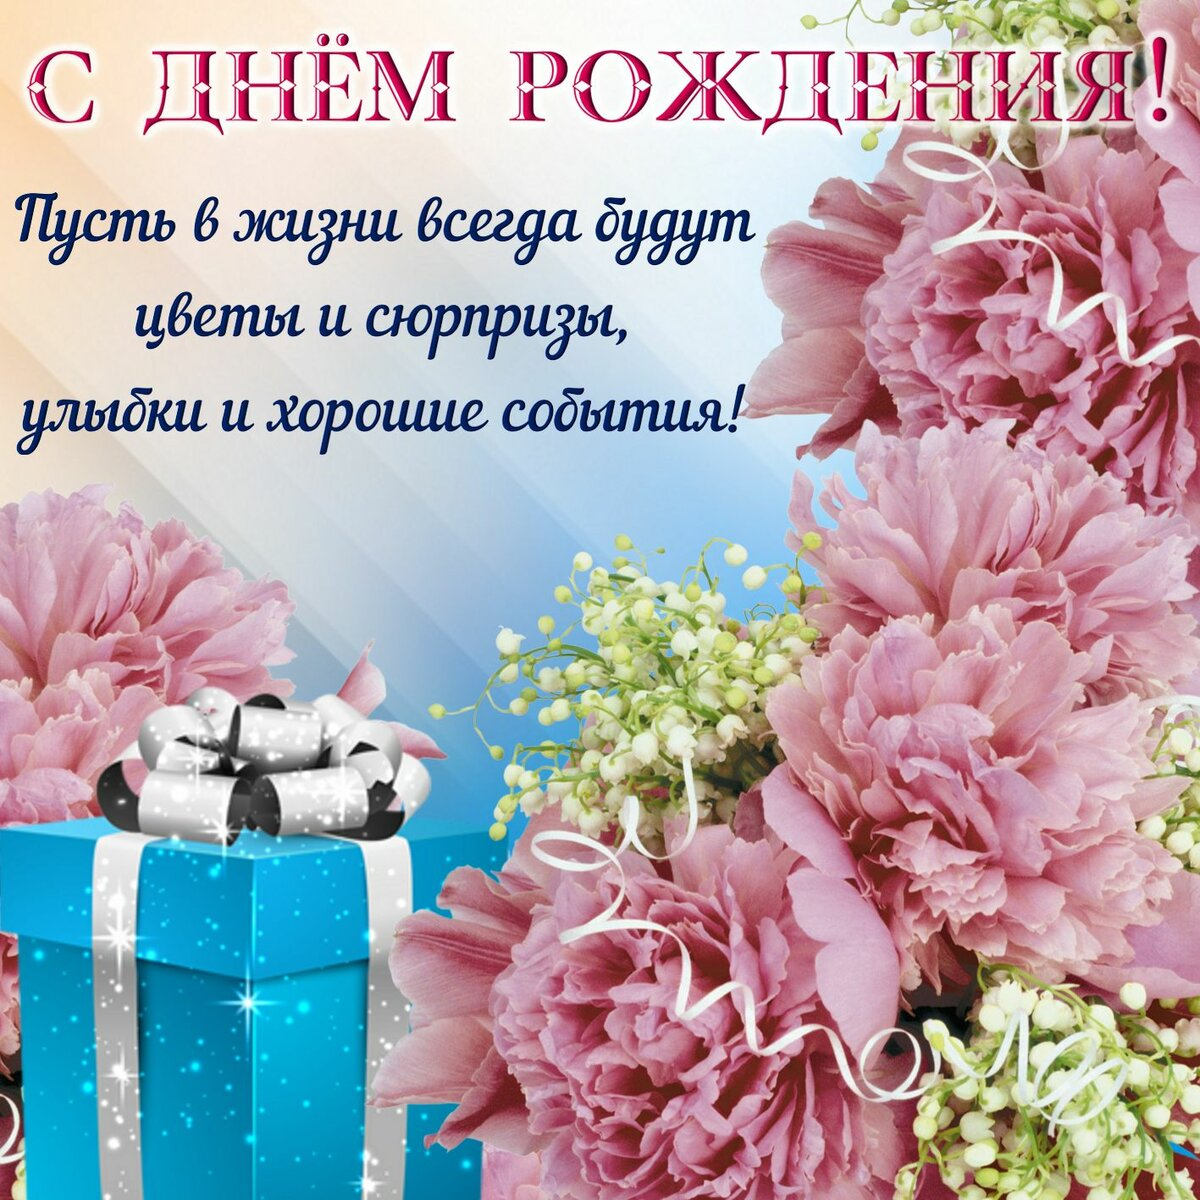 Картинки день рождения открытки, прикольные рисунки для